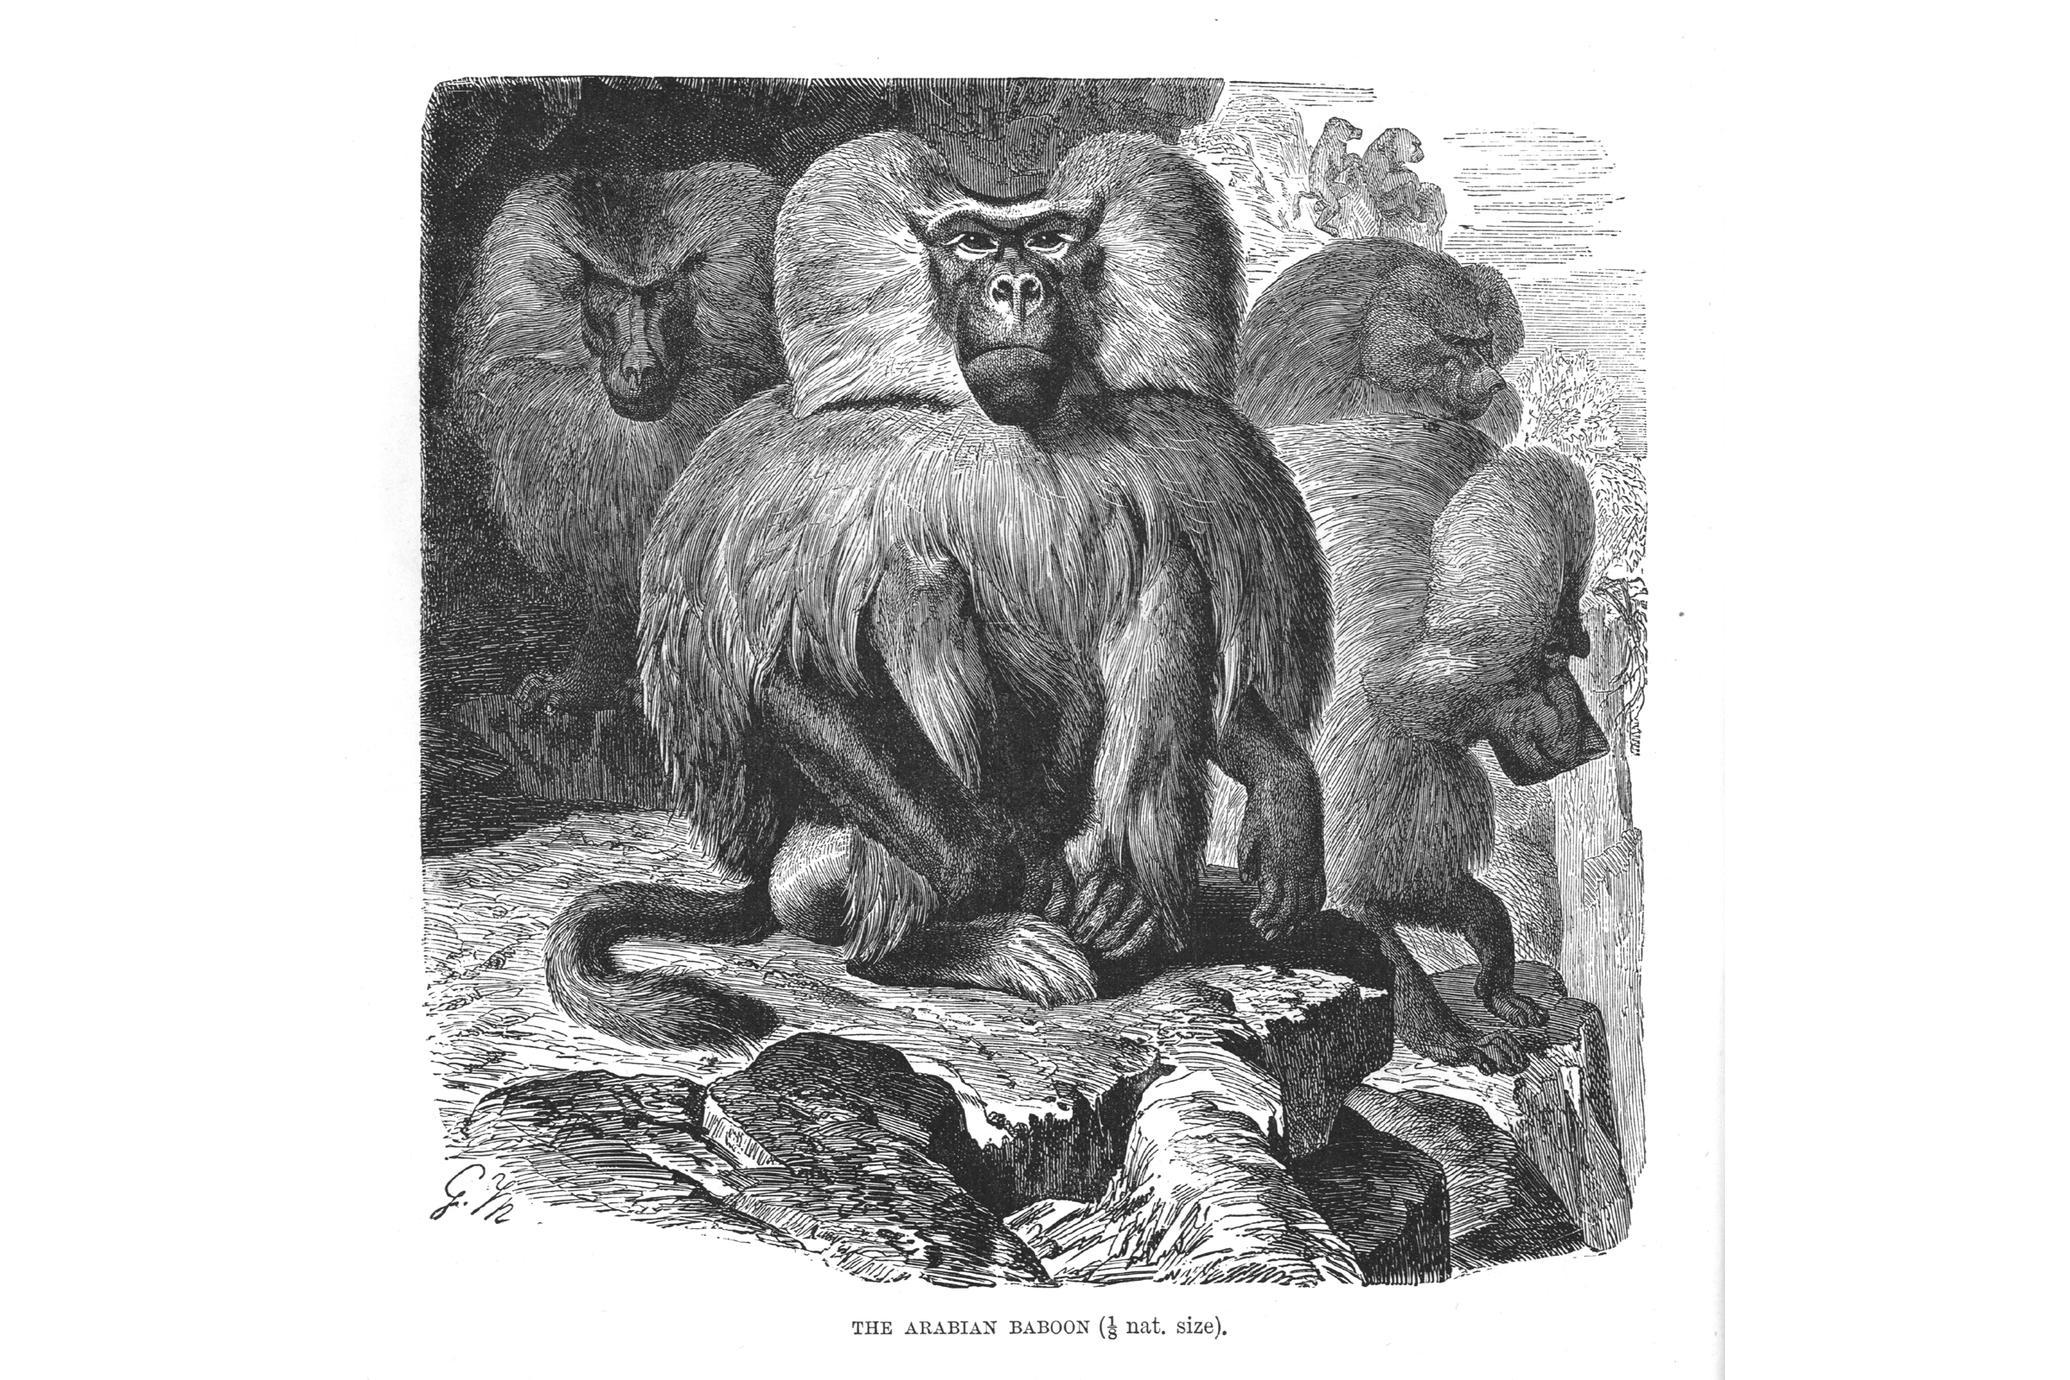 The Arabian Baboon (1/8 nat. size)